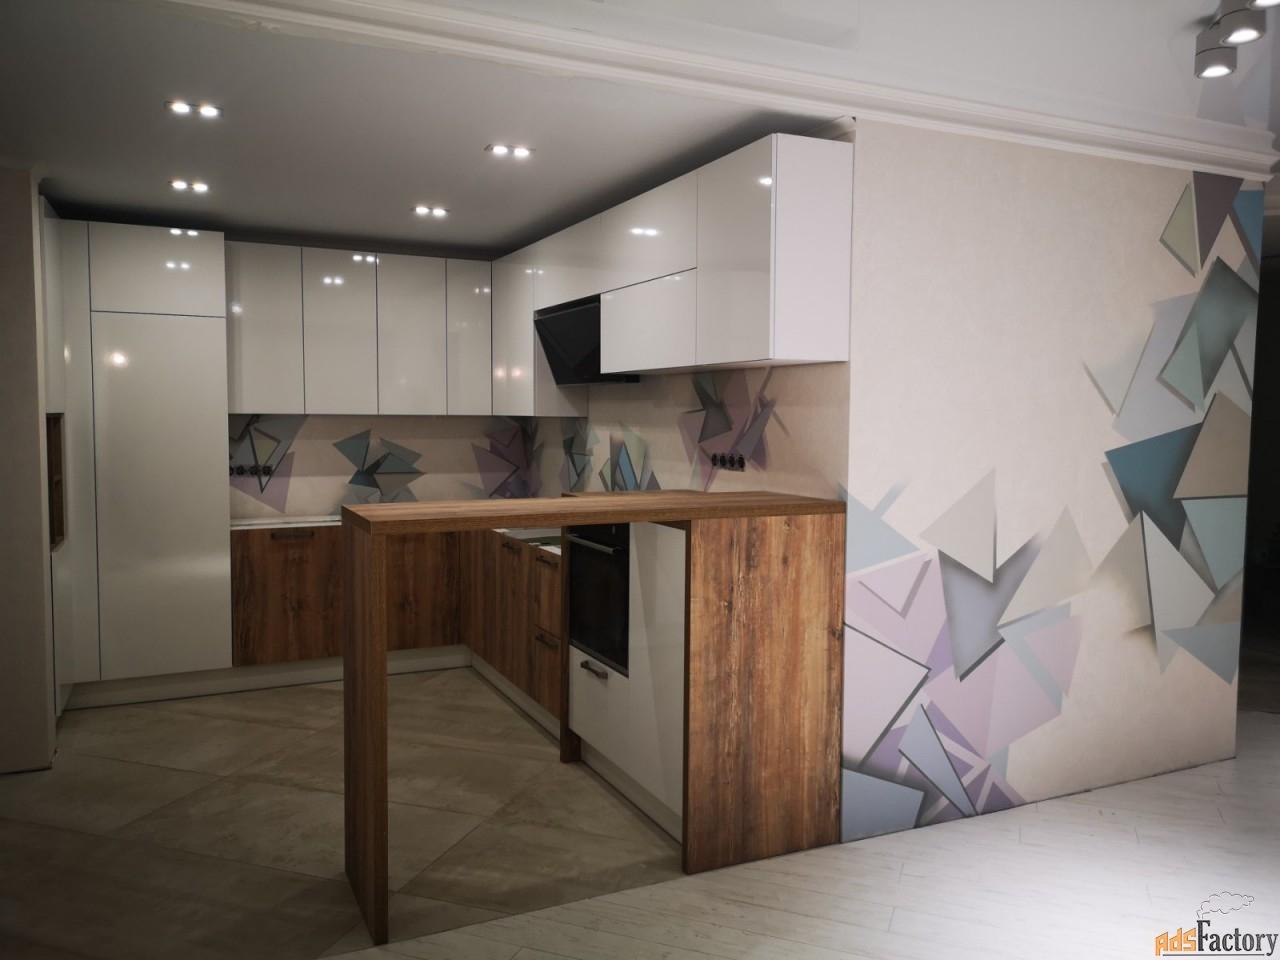 дизайн интерьера  и архитектурной  среды